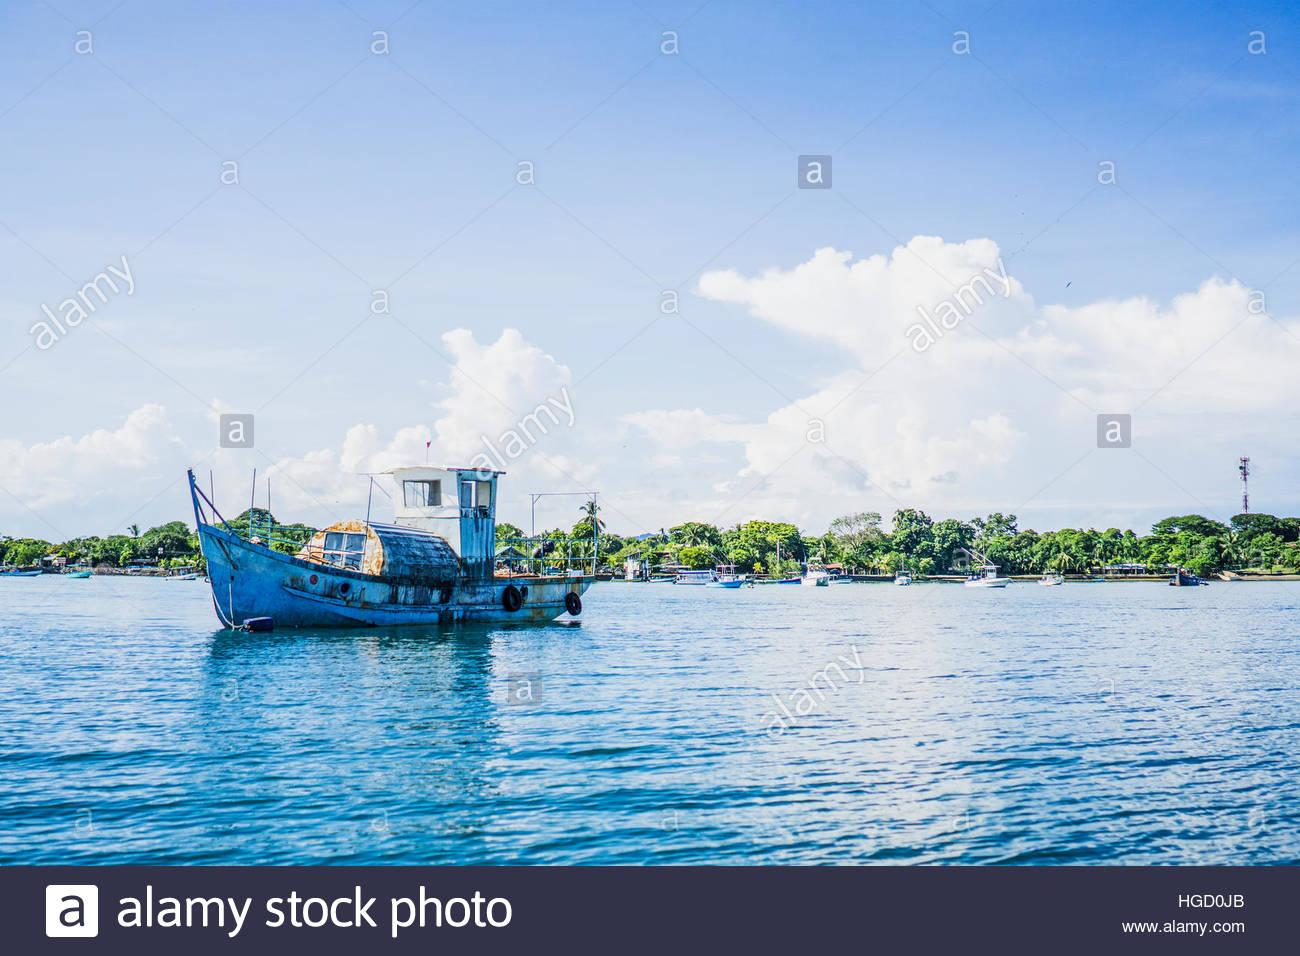 Puerto Jimenez Harbour, osa peninsula, Costa Rica, America centrale 2015 Immagini Stock